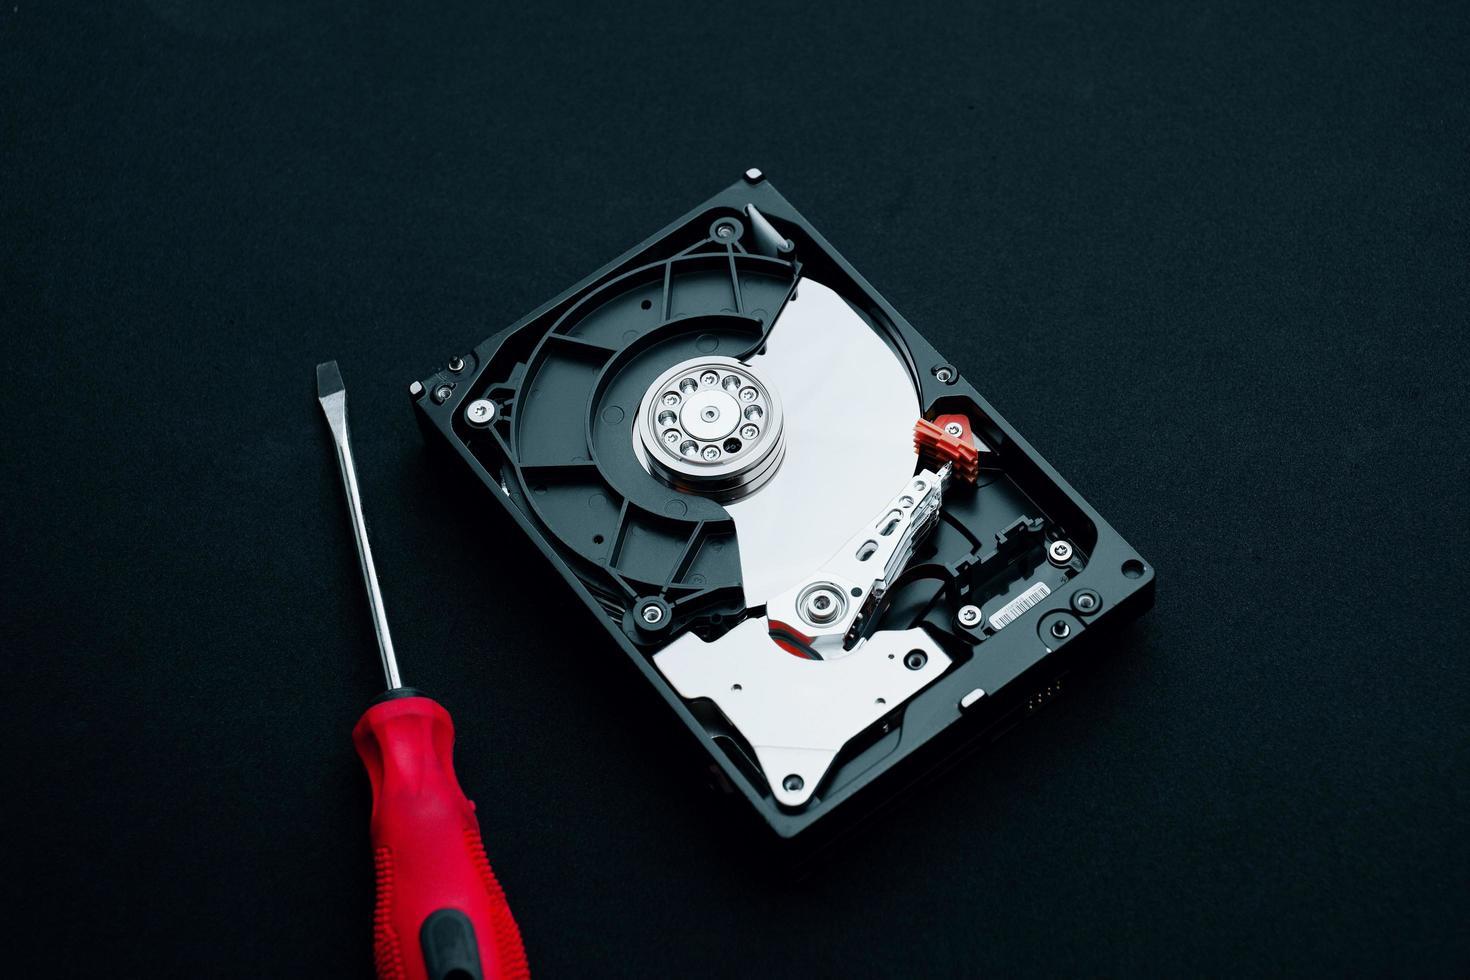 inspección de reparación de hardware de computadora, disco duro y destornilladores foto